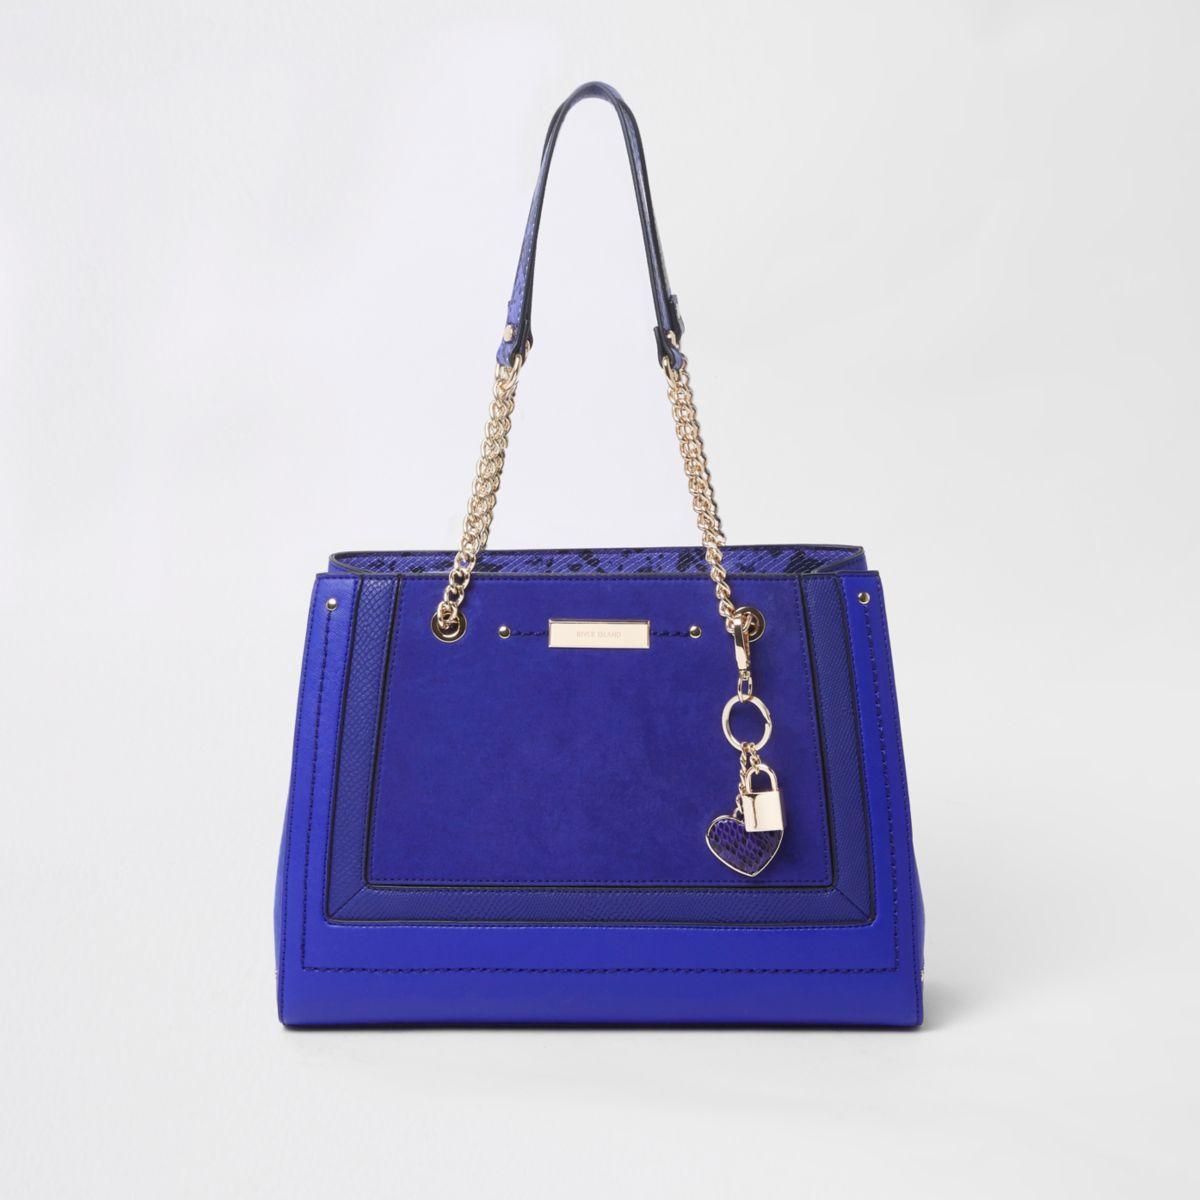 Blauwe handtas met panelen, structuur, bedeltje en ketting